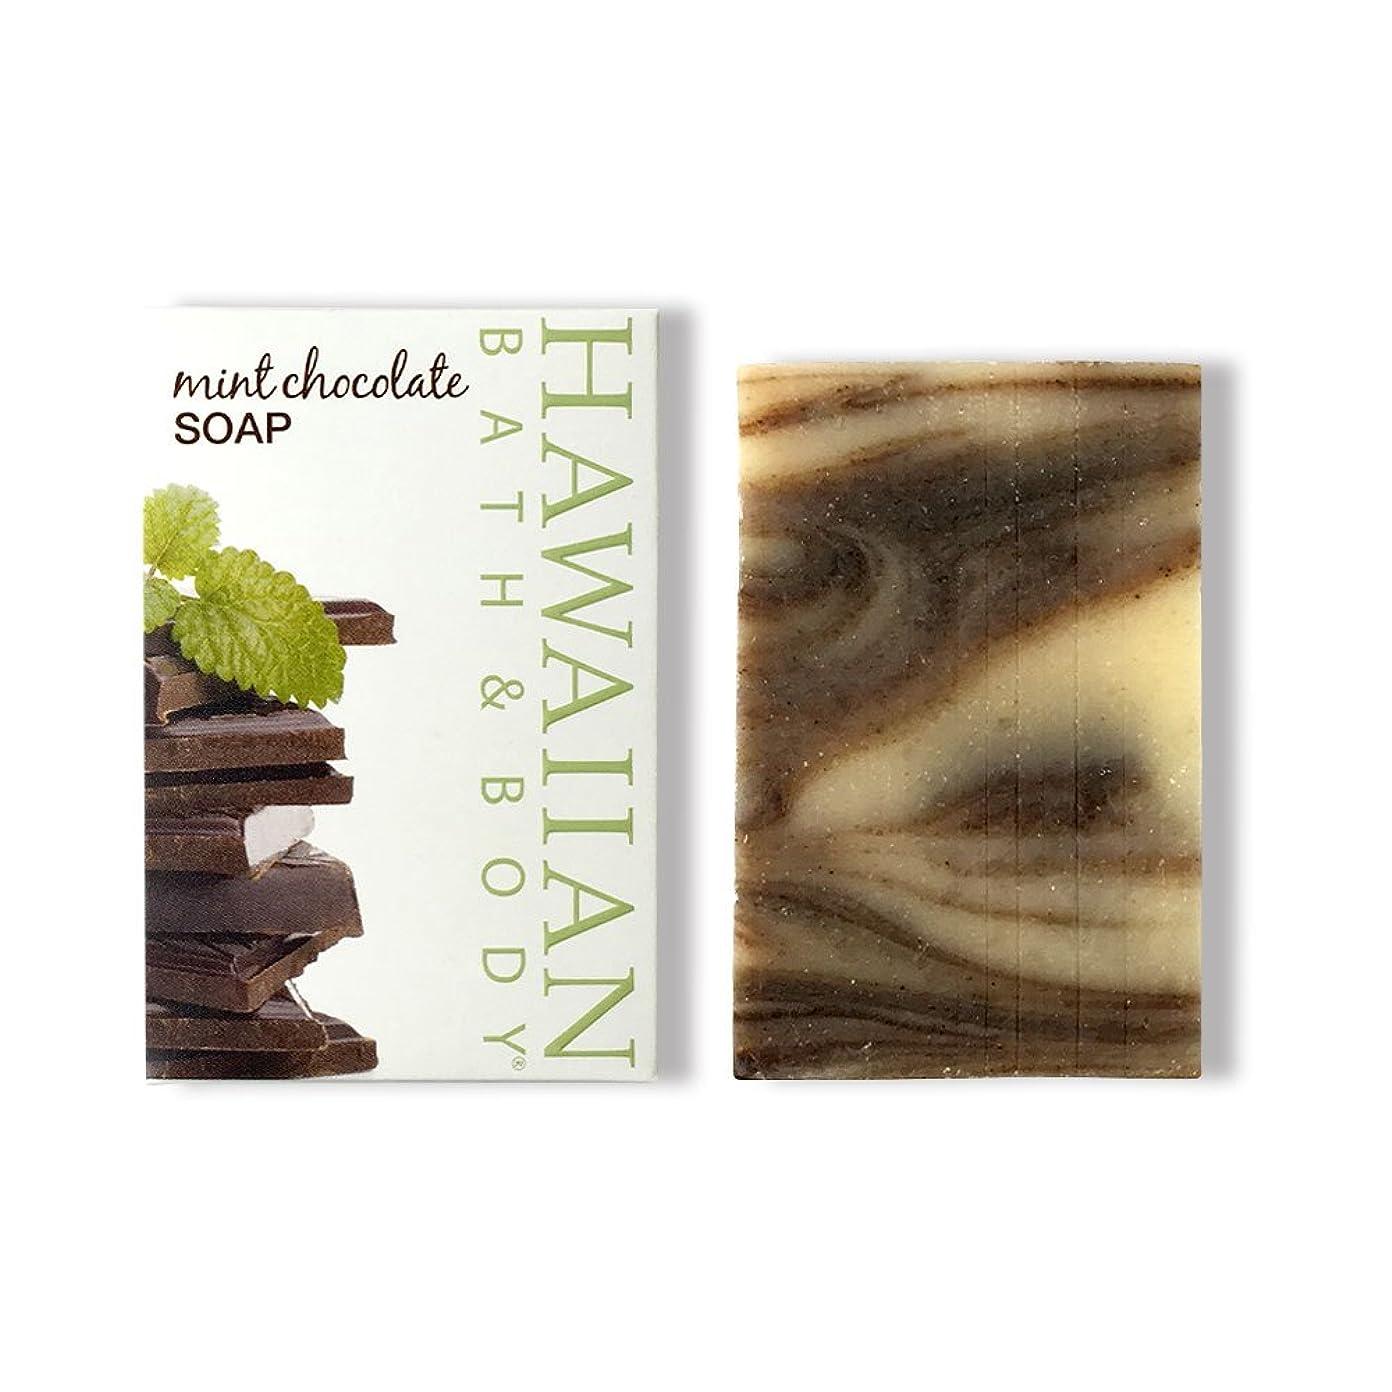 公園アルファベットレイハワイアンバス&ボディ ハワイアン?ミントチョコレートソープ ( Hawaii Mint Chocolate Soap )